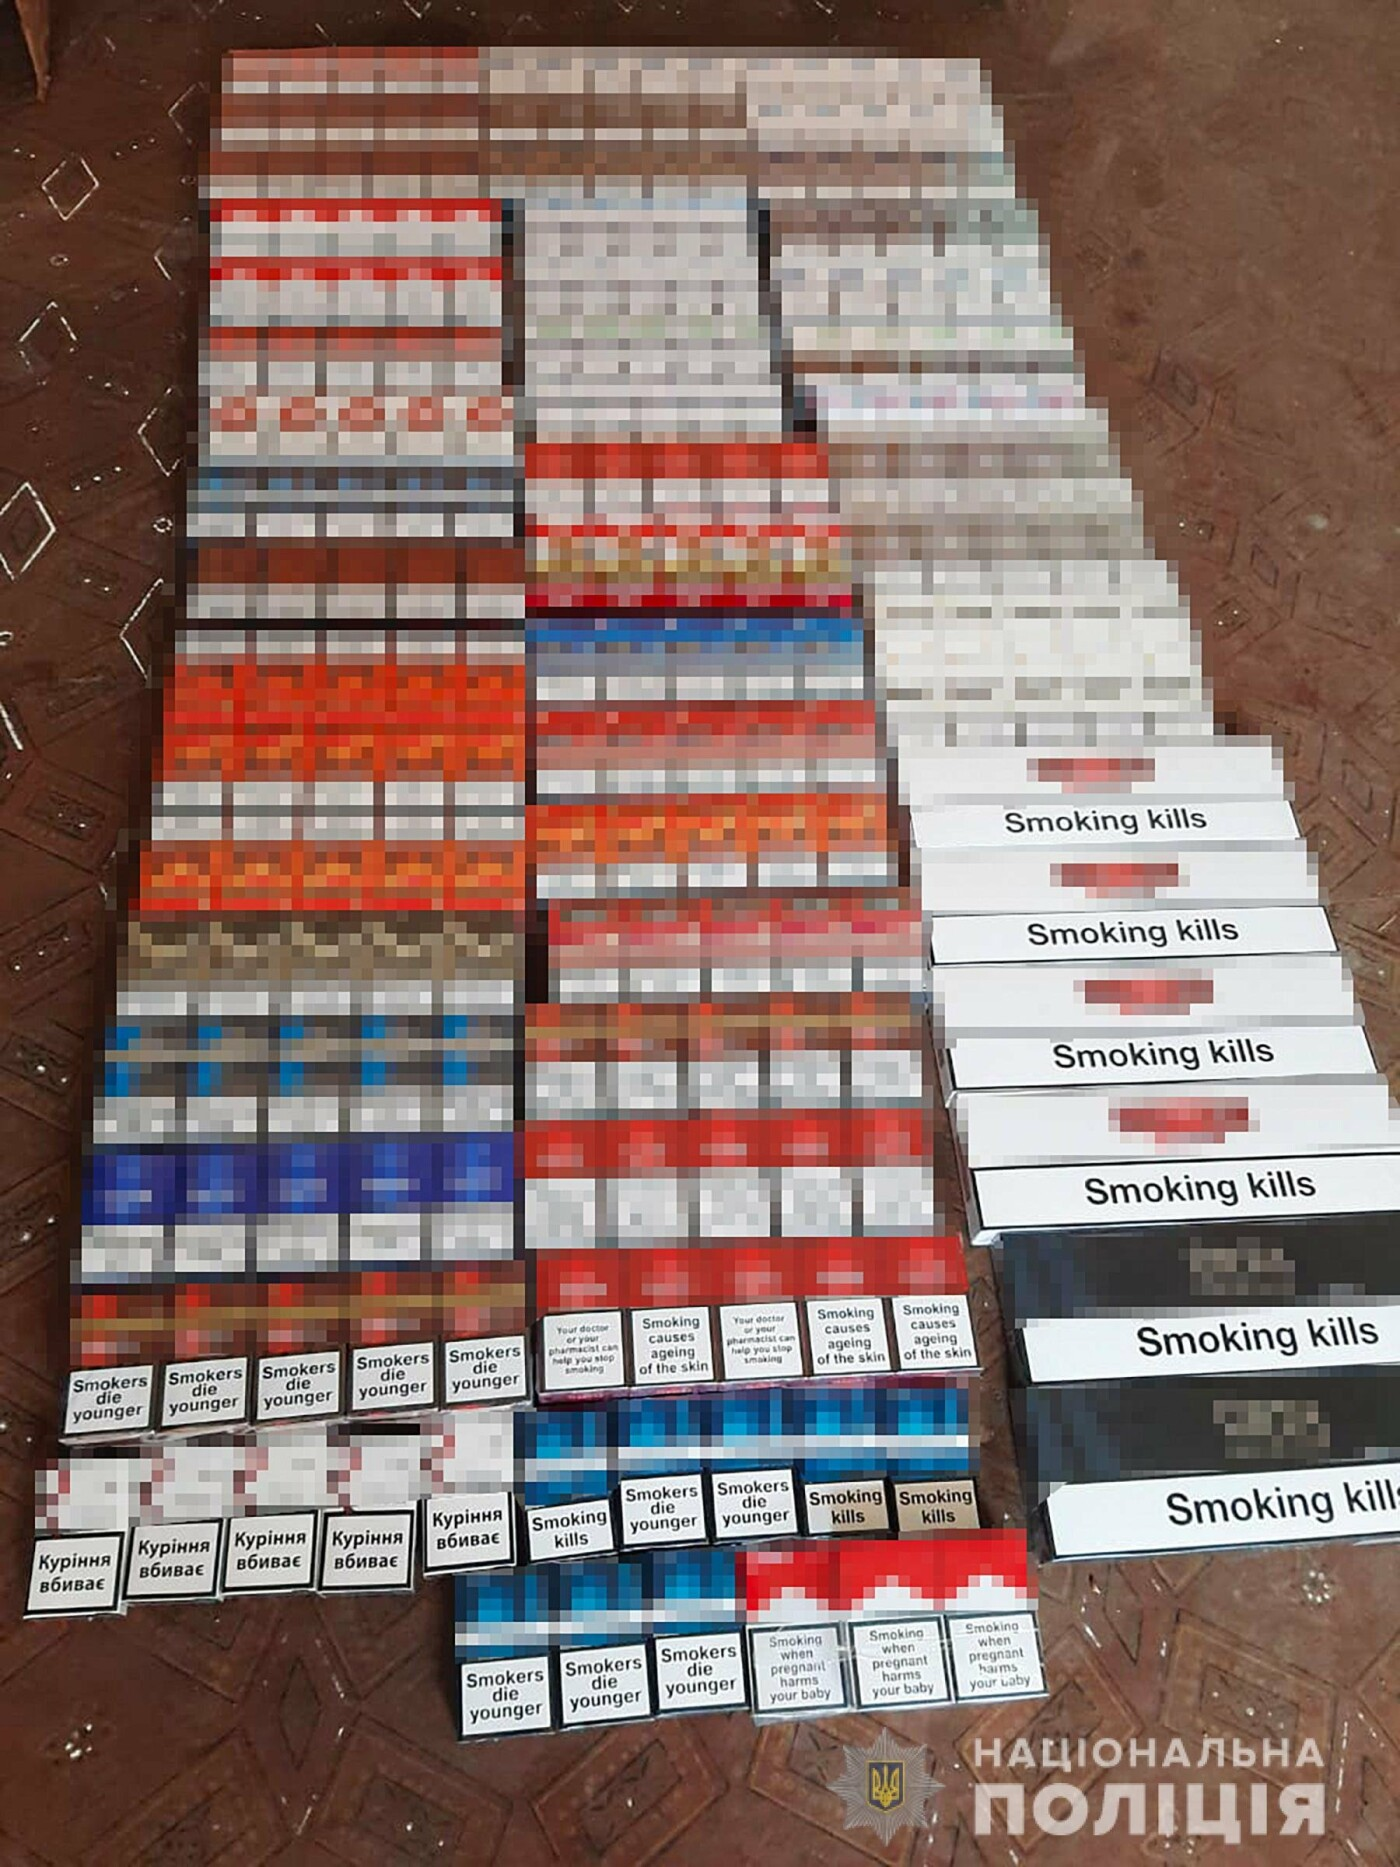 Более полутысячи пачек контрафактных сигарет обнаружили полицейские в Мелитополе, фото-1